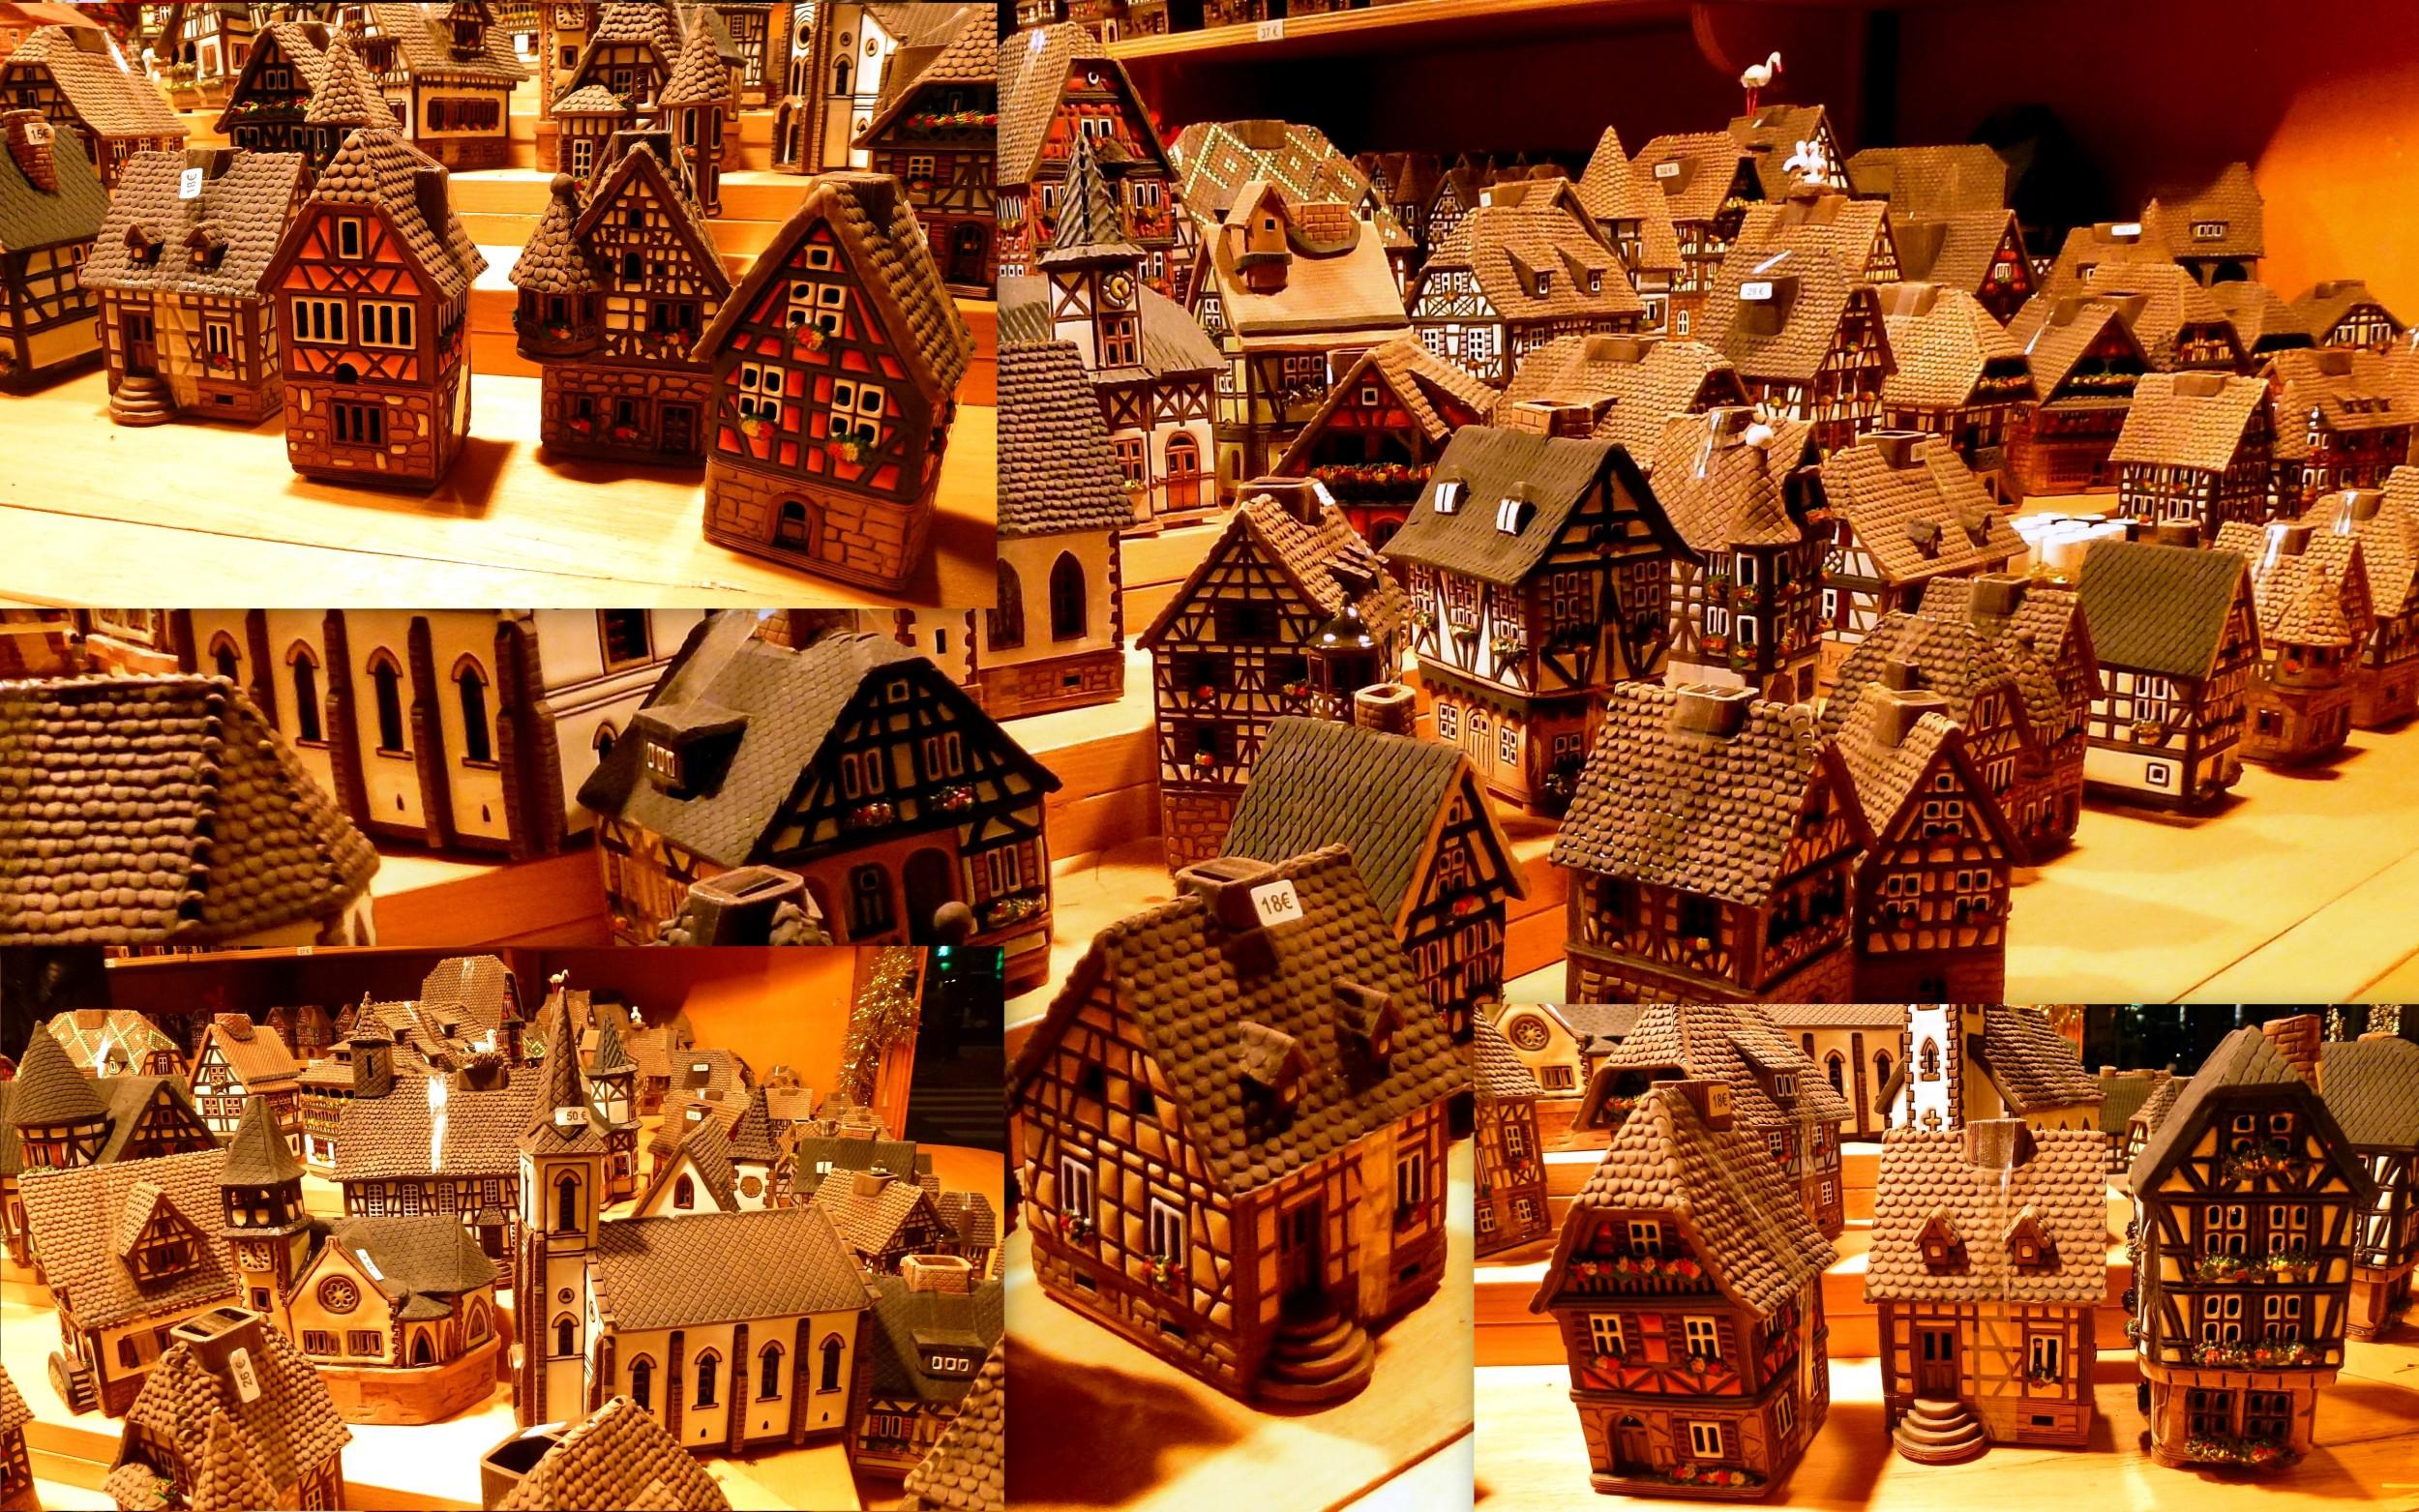 le petit village catherine burg artwork celeste prize. Black Bedroom Furniture Sets. Home Design Ideas